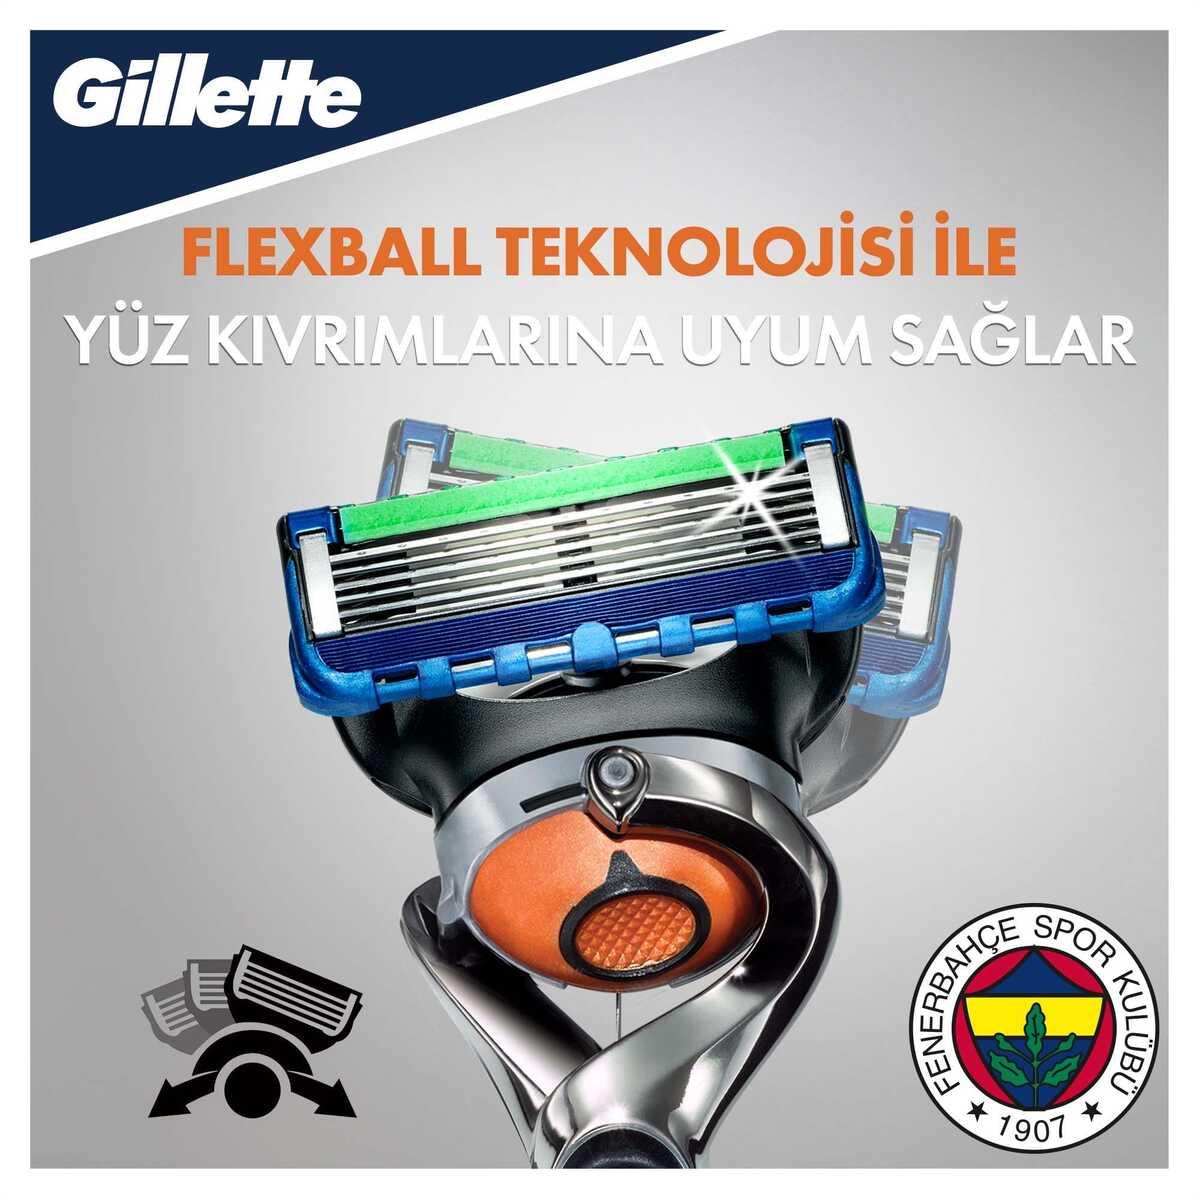 Fusion Proglide Tıraş Makinesi + 4'lü Yedek Başlık Fenerbahçe Özel Seri